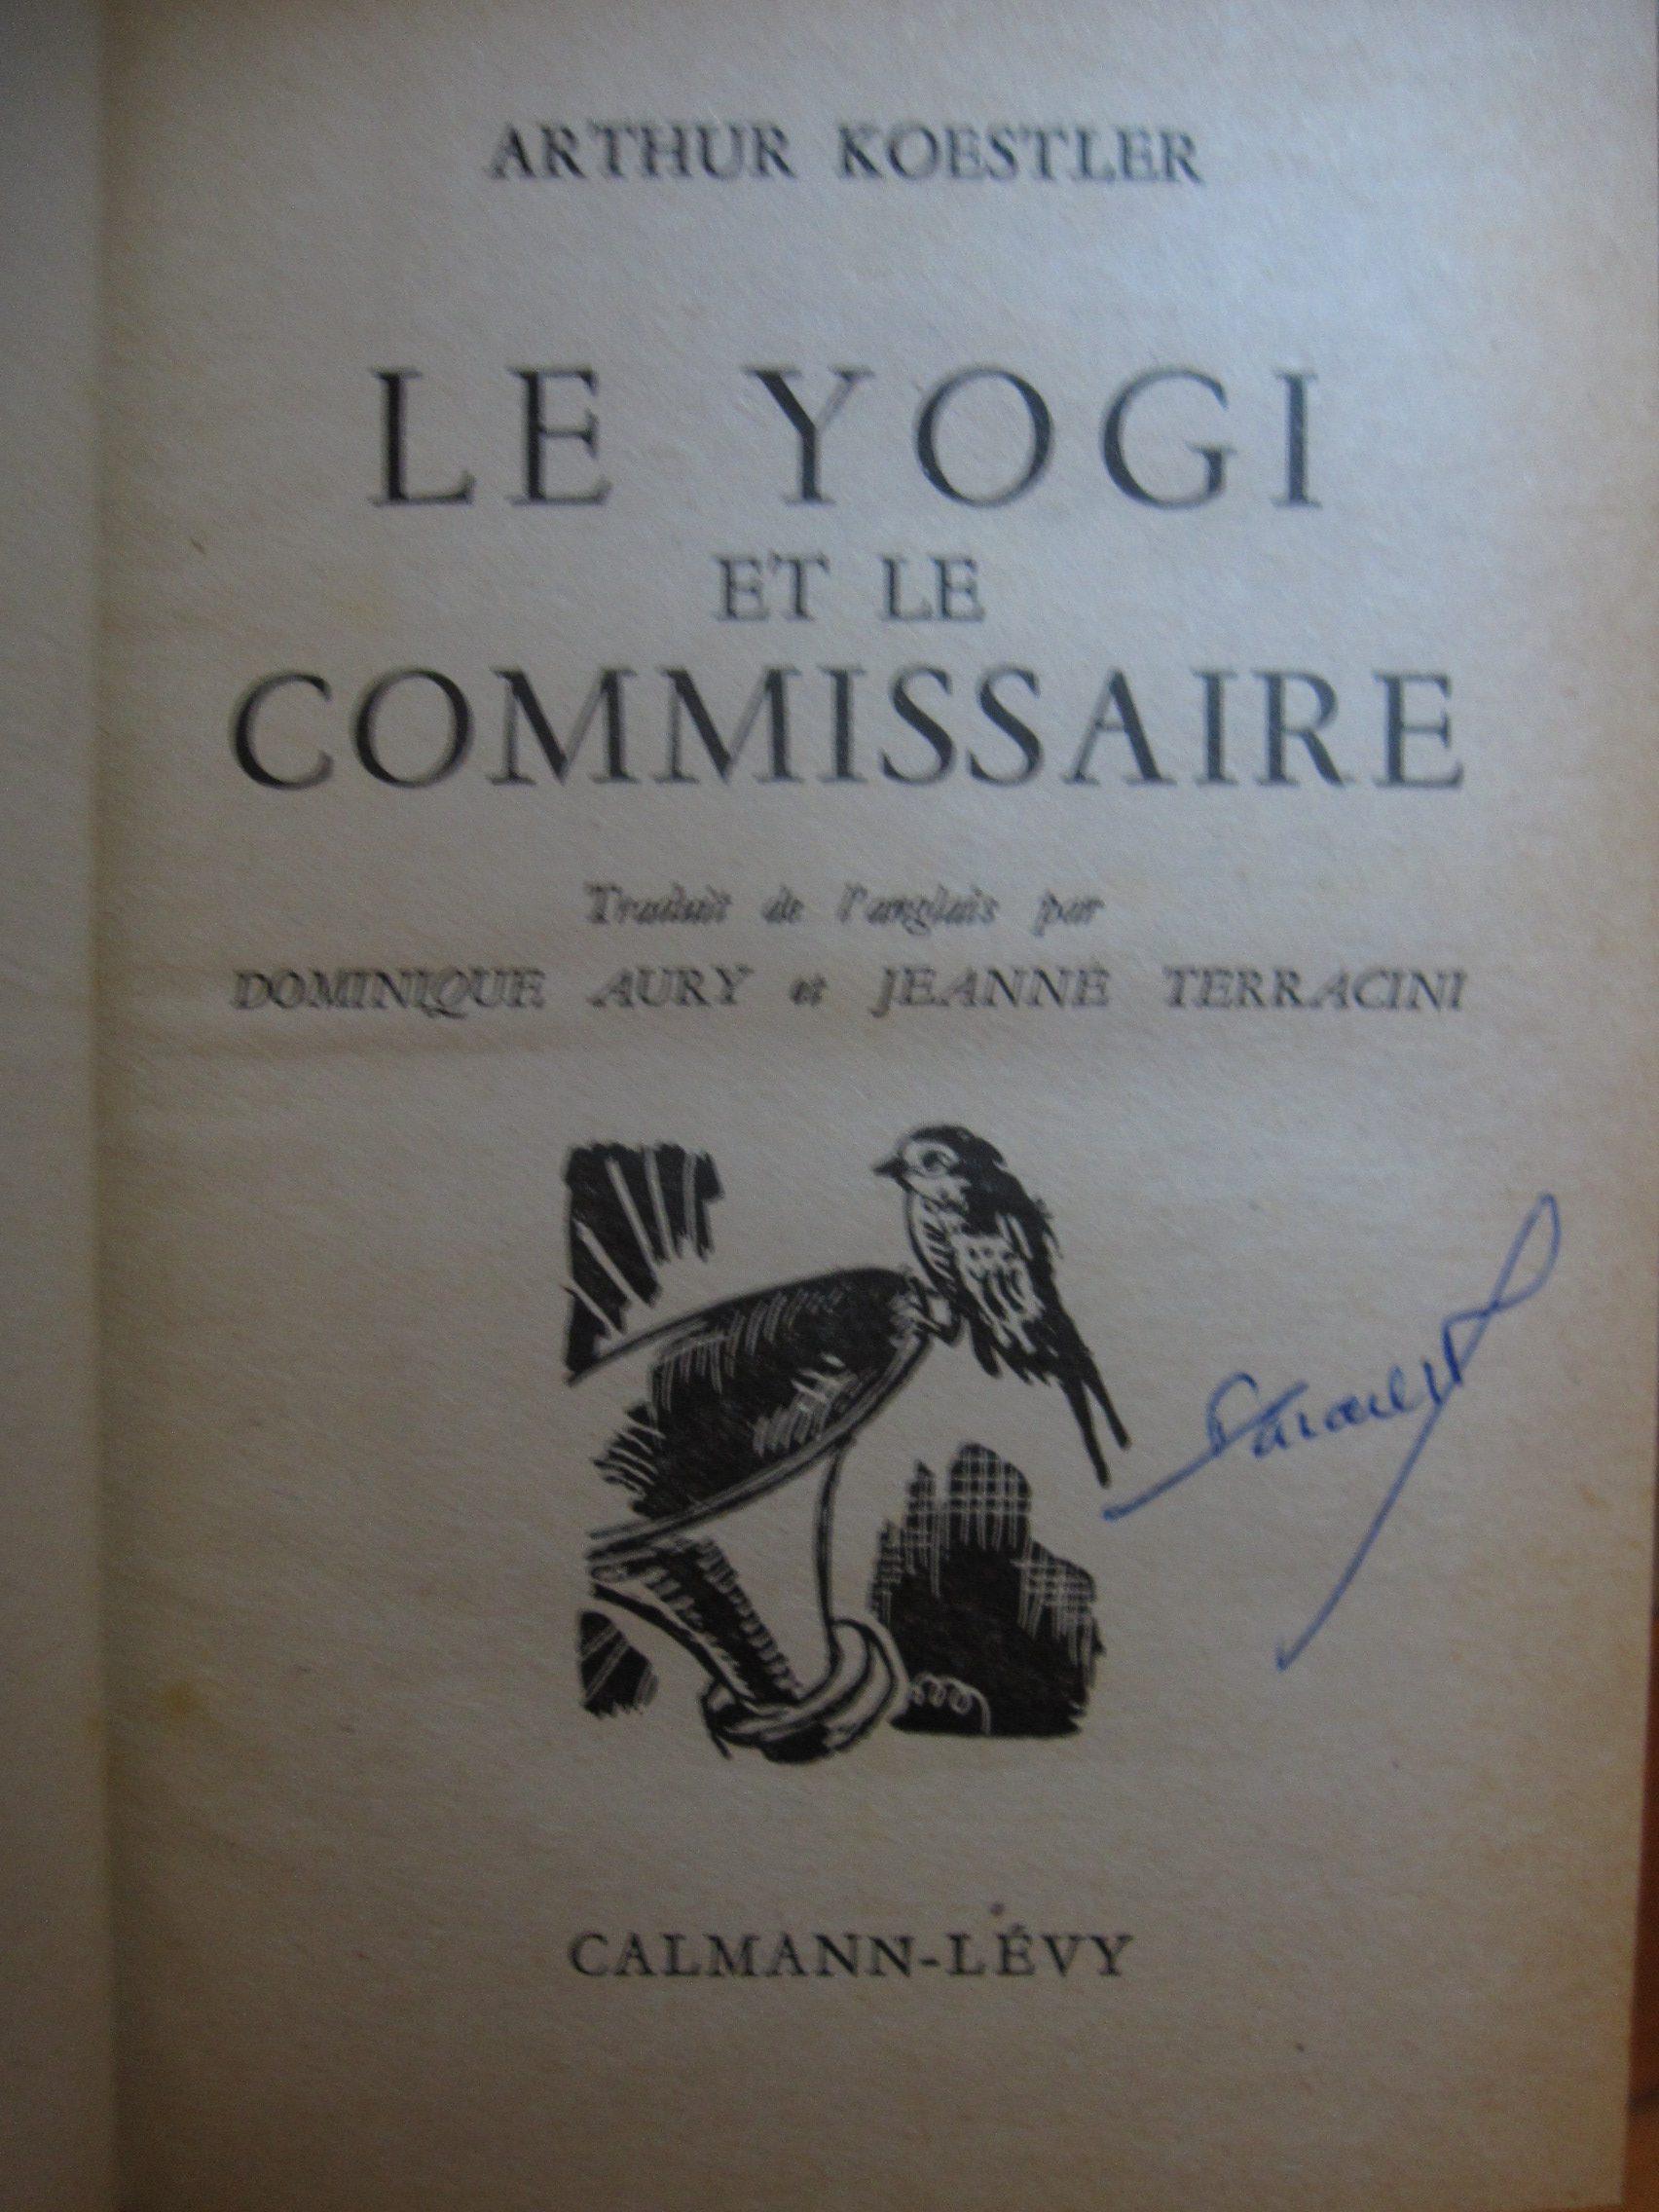 Yogi-Koestler2